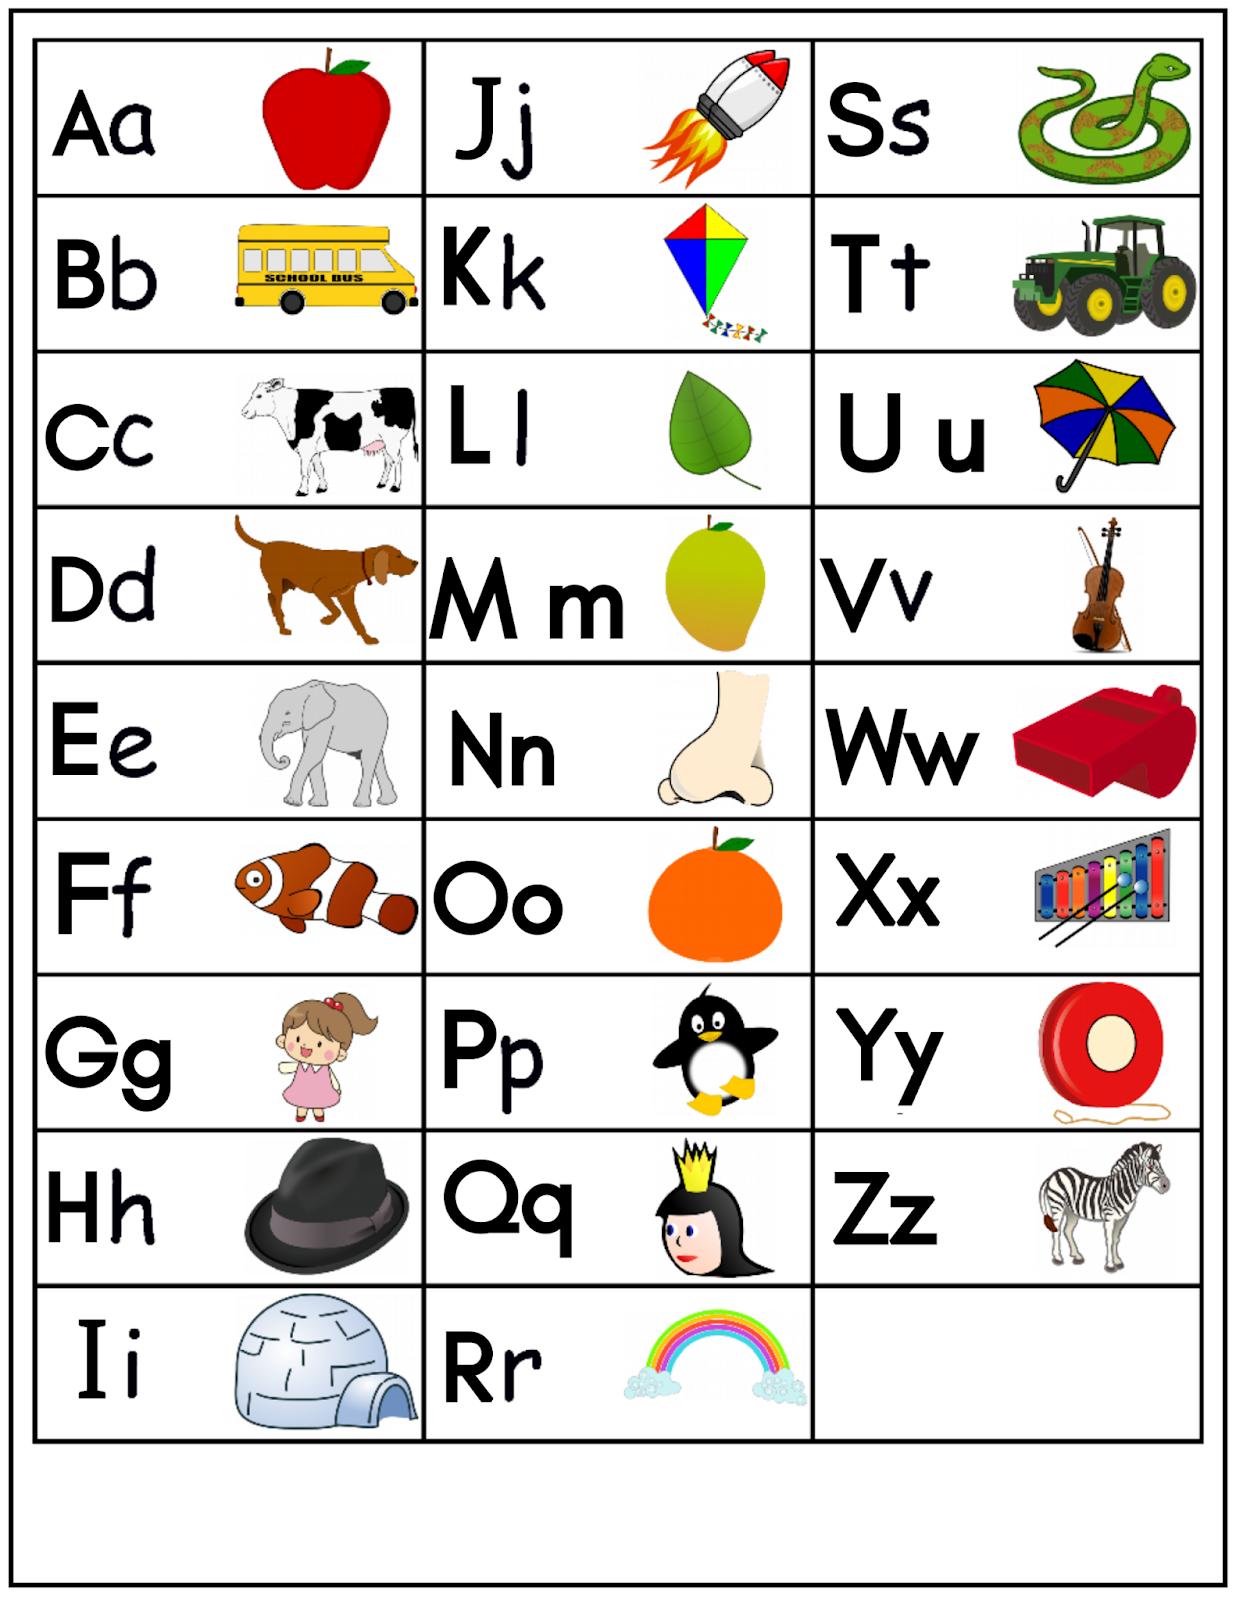 اوراق عمل رياض اطفال الحروف 15